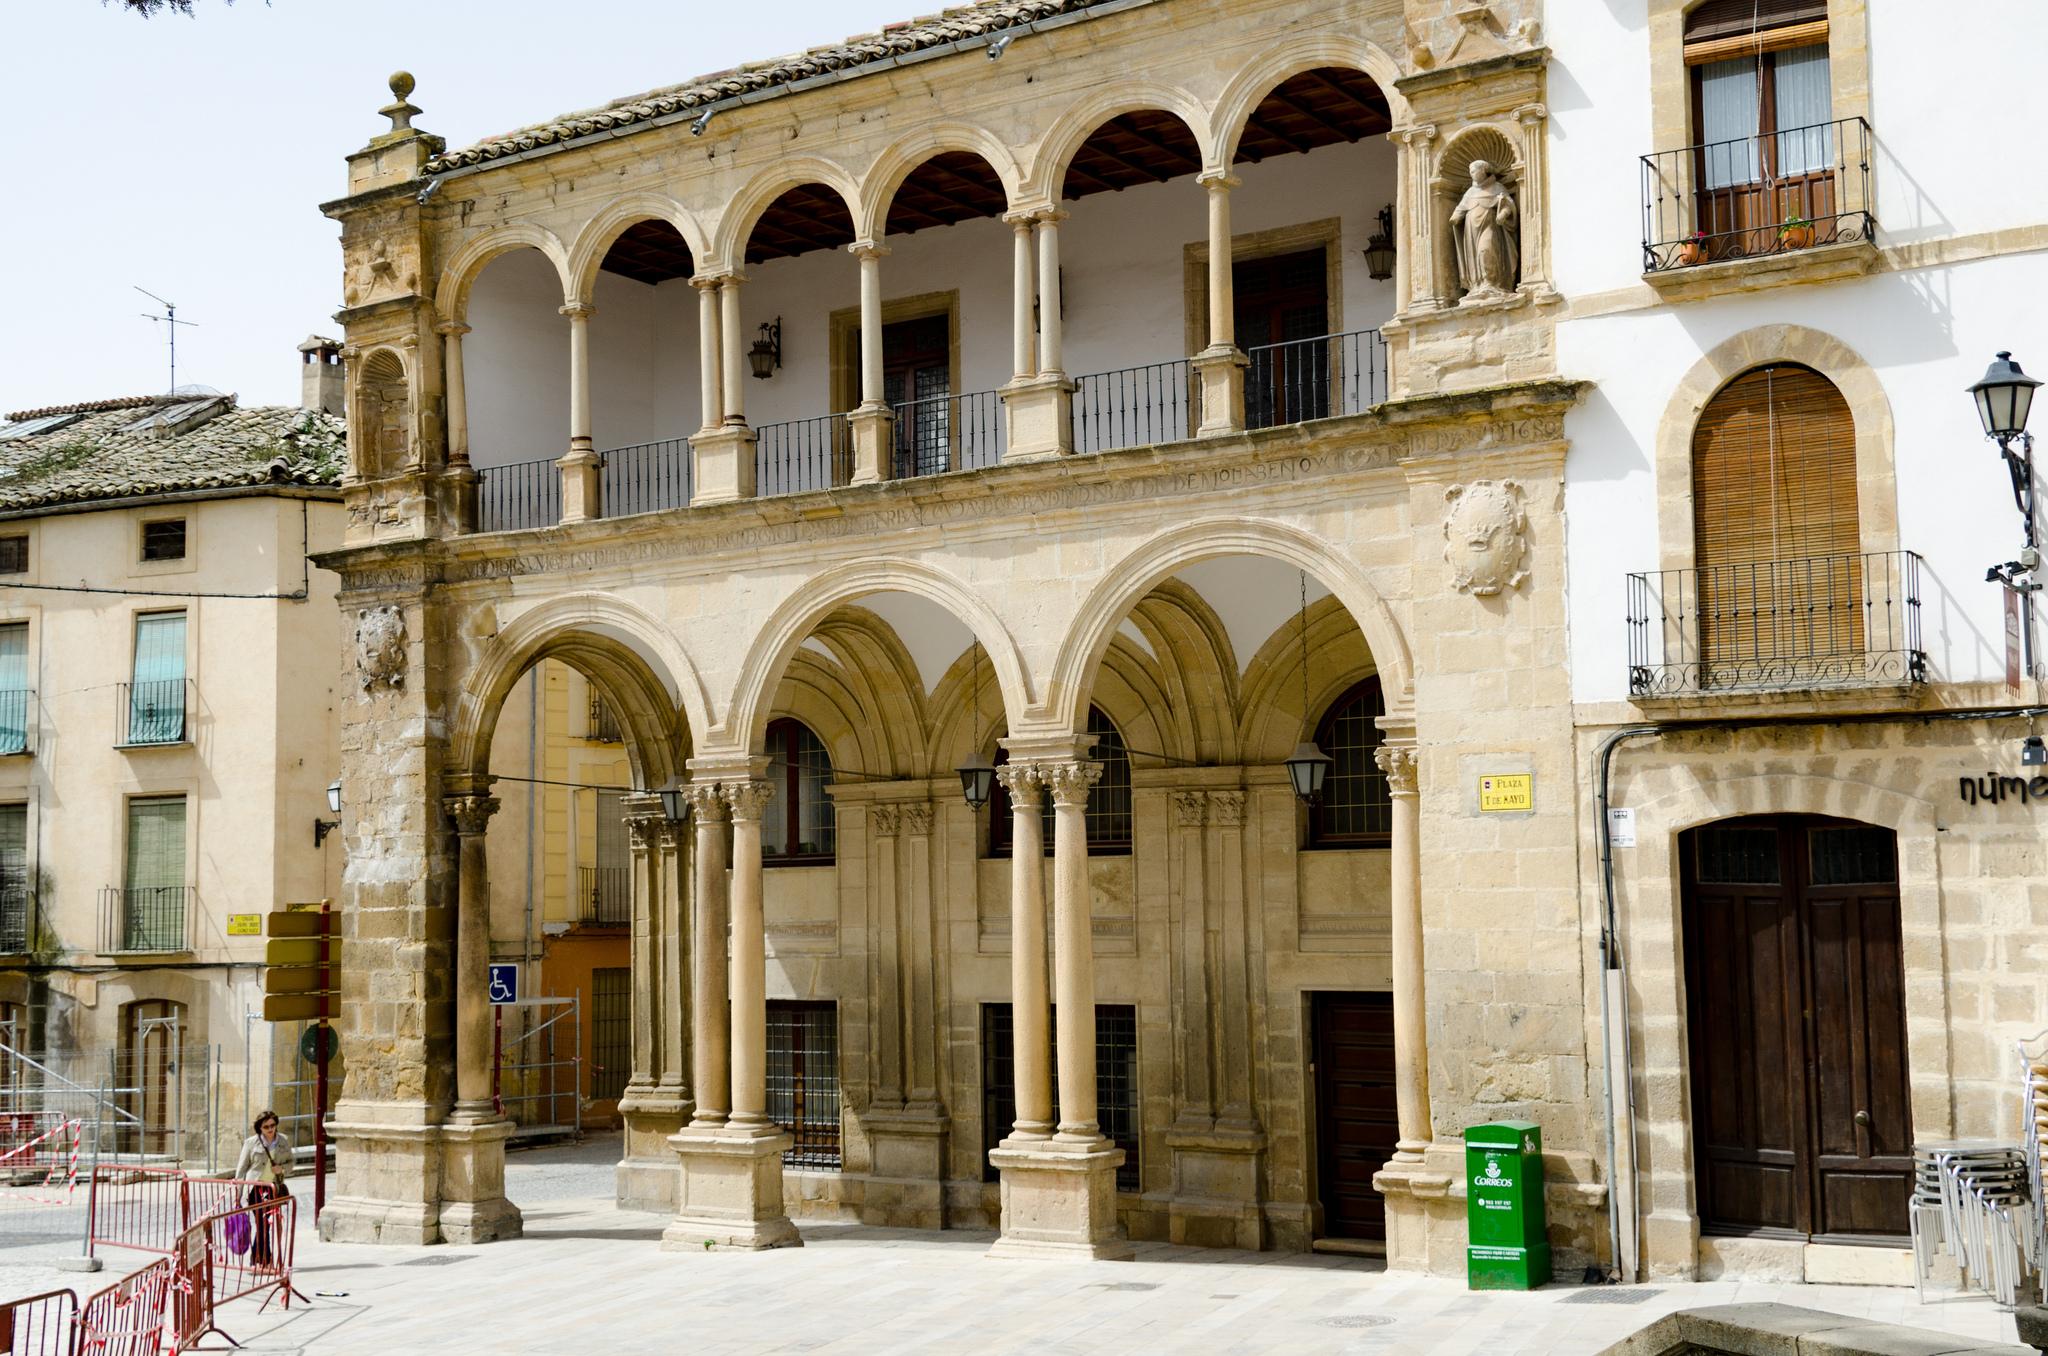 A facade in Úbeda © xiquinhosilva